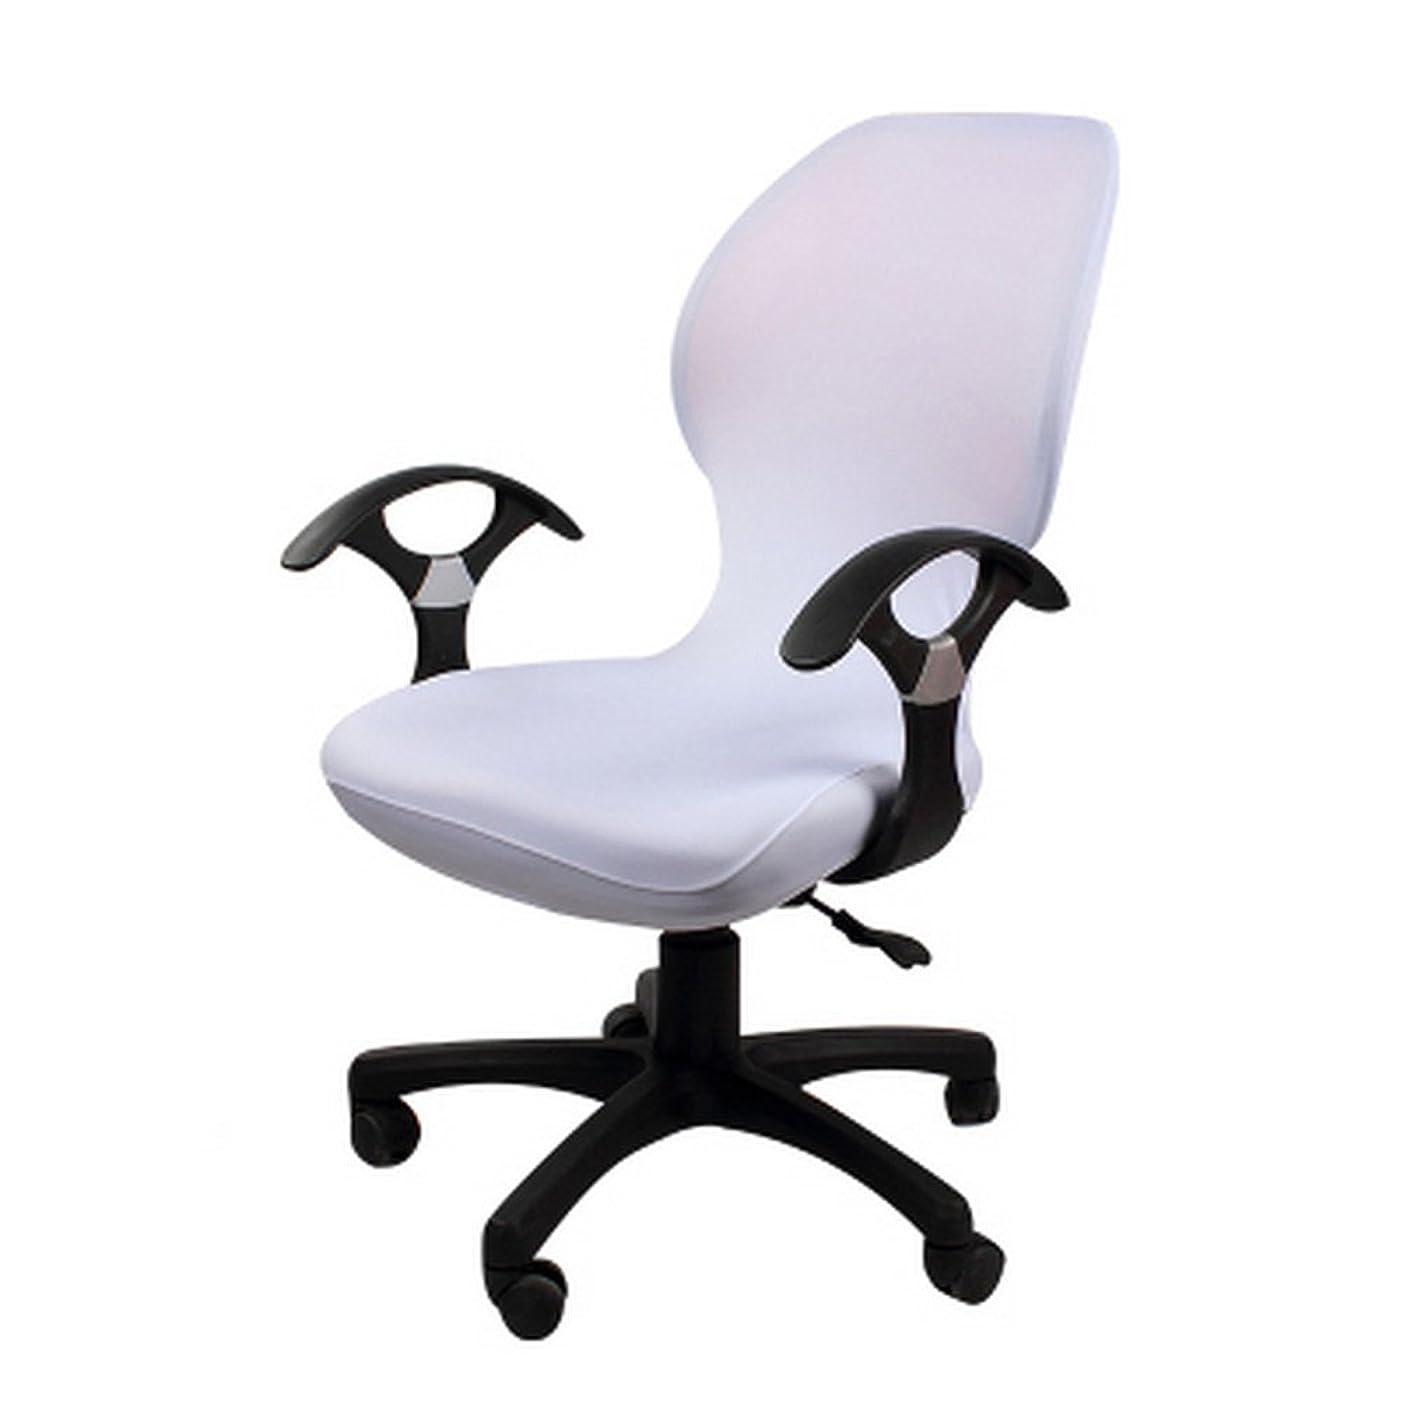 摂動オリエント皿オフィスチェアカバー 事務椅子 カバー 回転座椅子背もたれ カバー 着脱可能 ホワイト